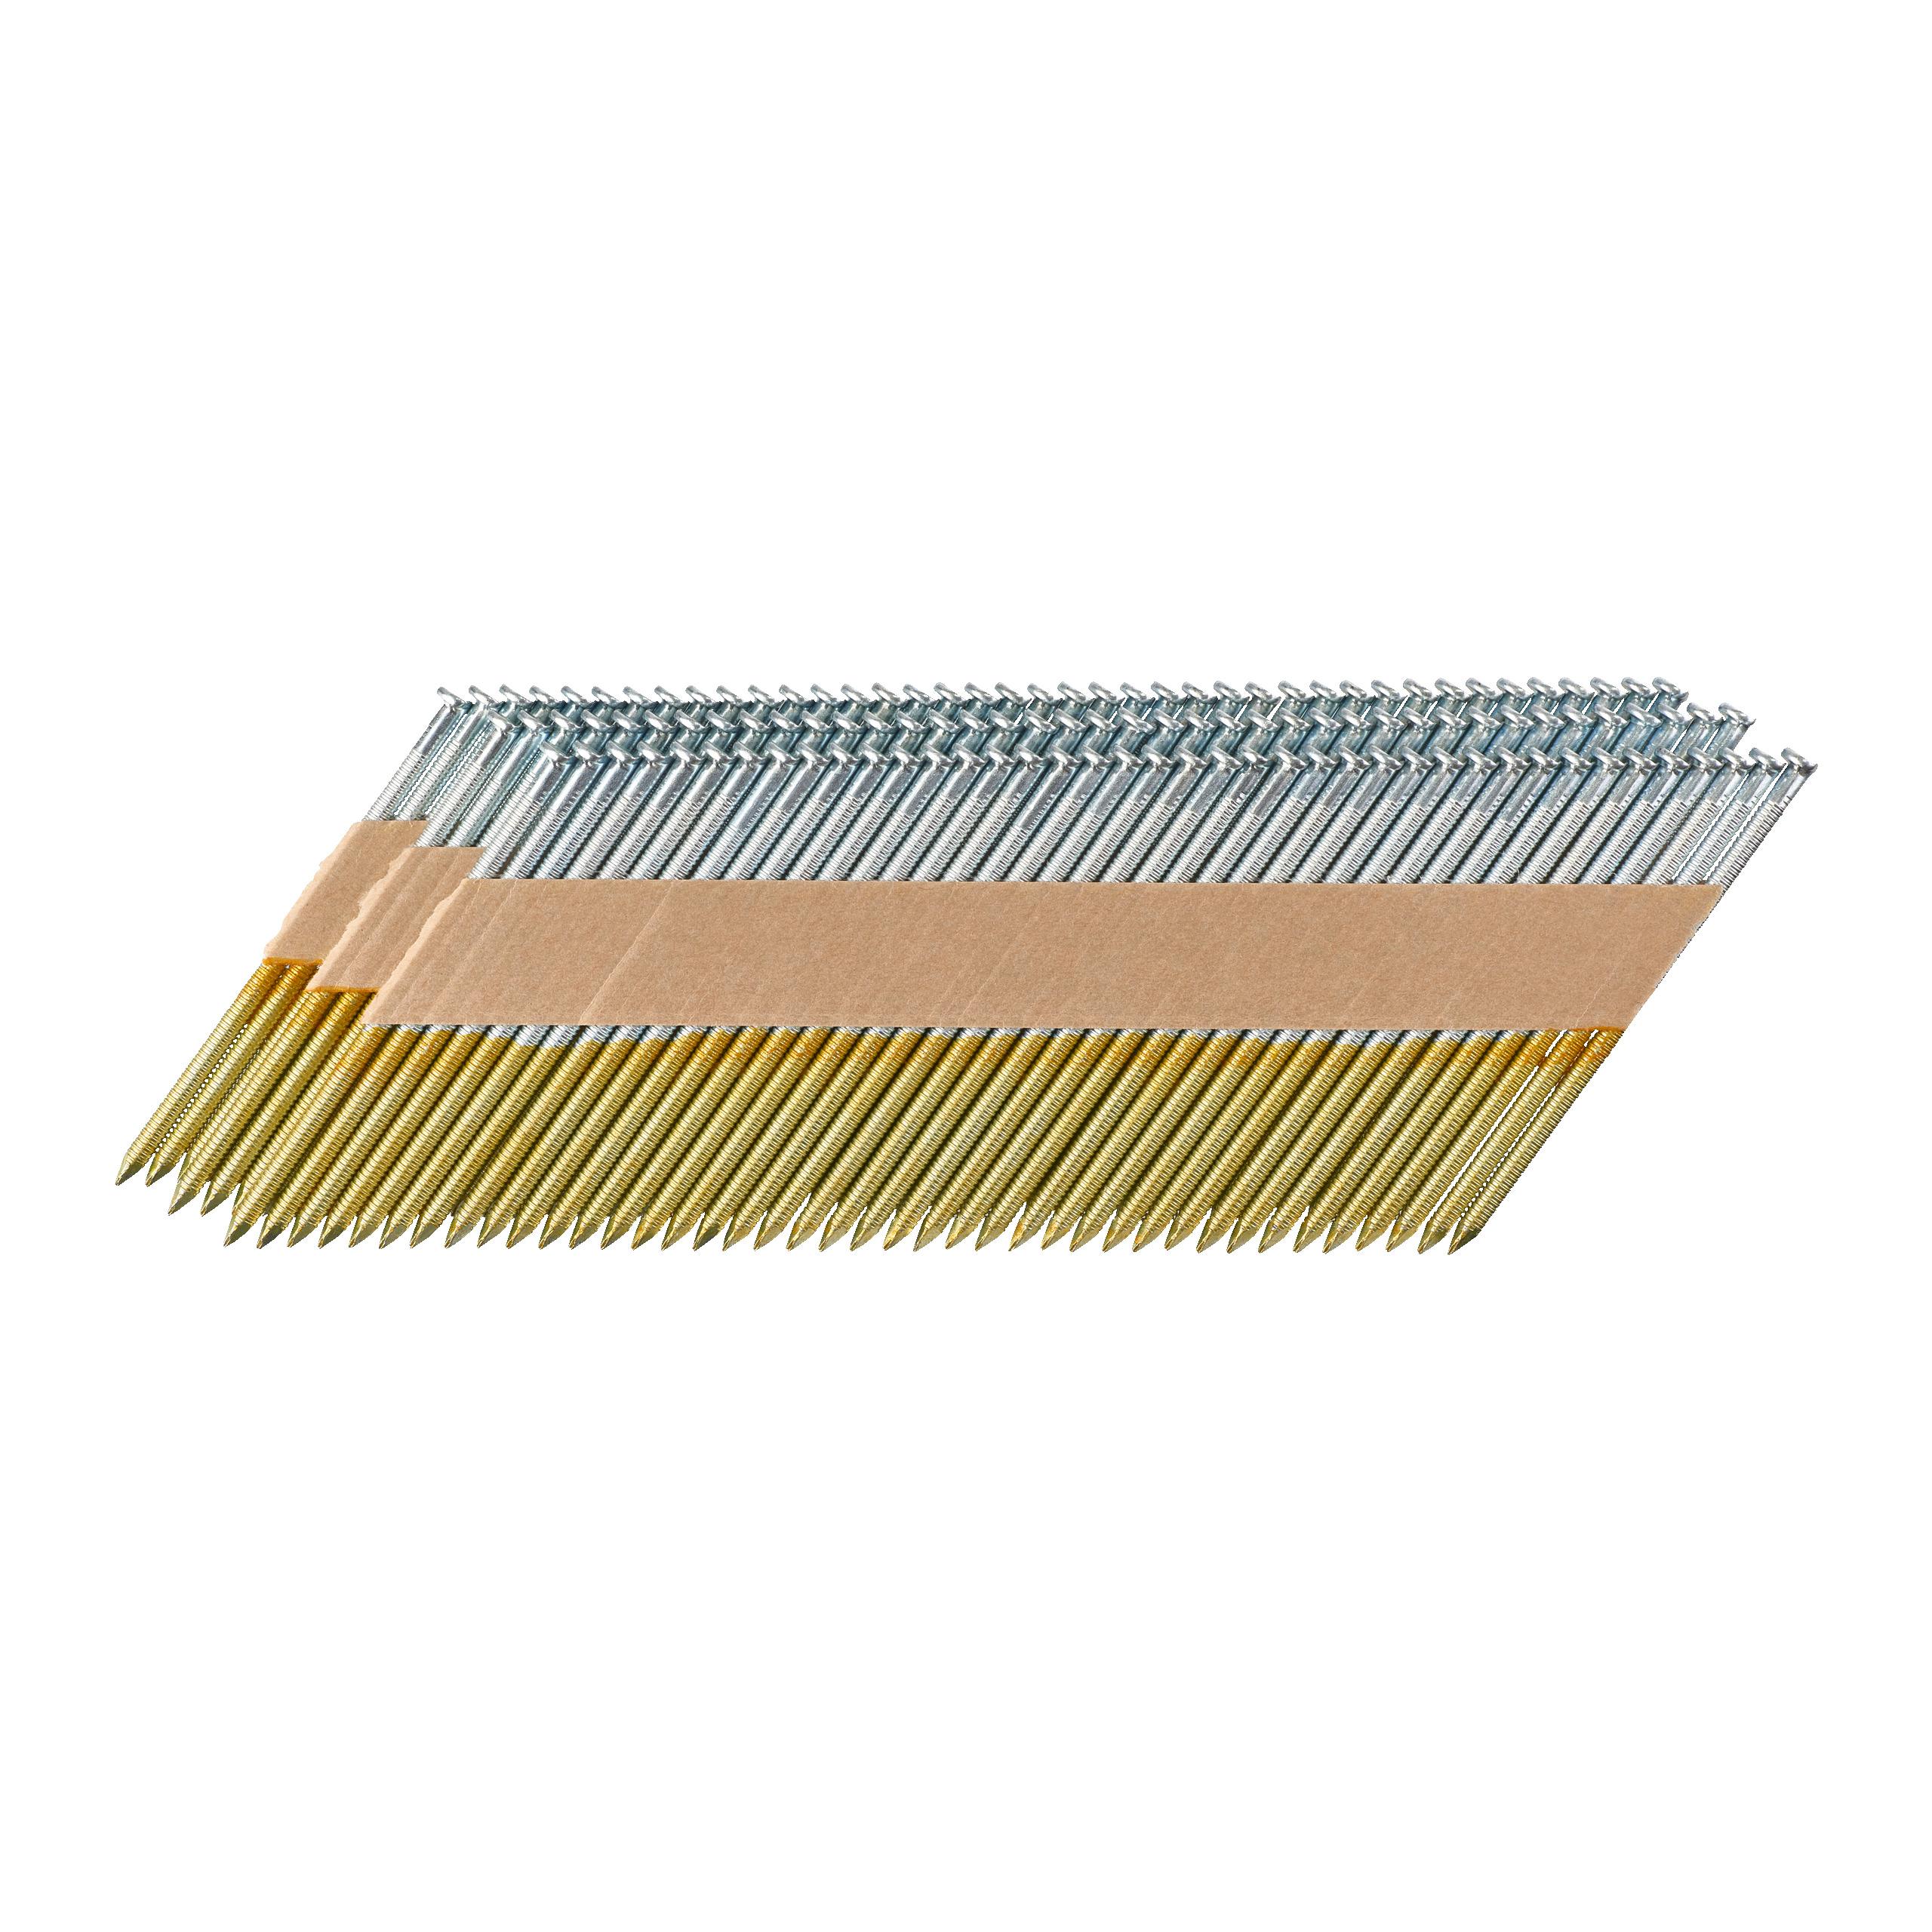 Hřebíky 7,4x3,1/80mm RS galvanizované-3000 ks